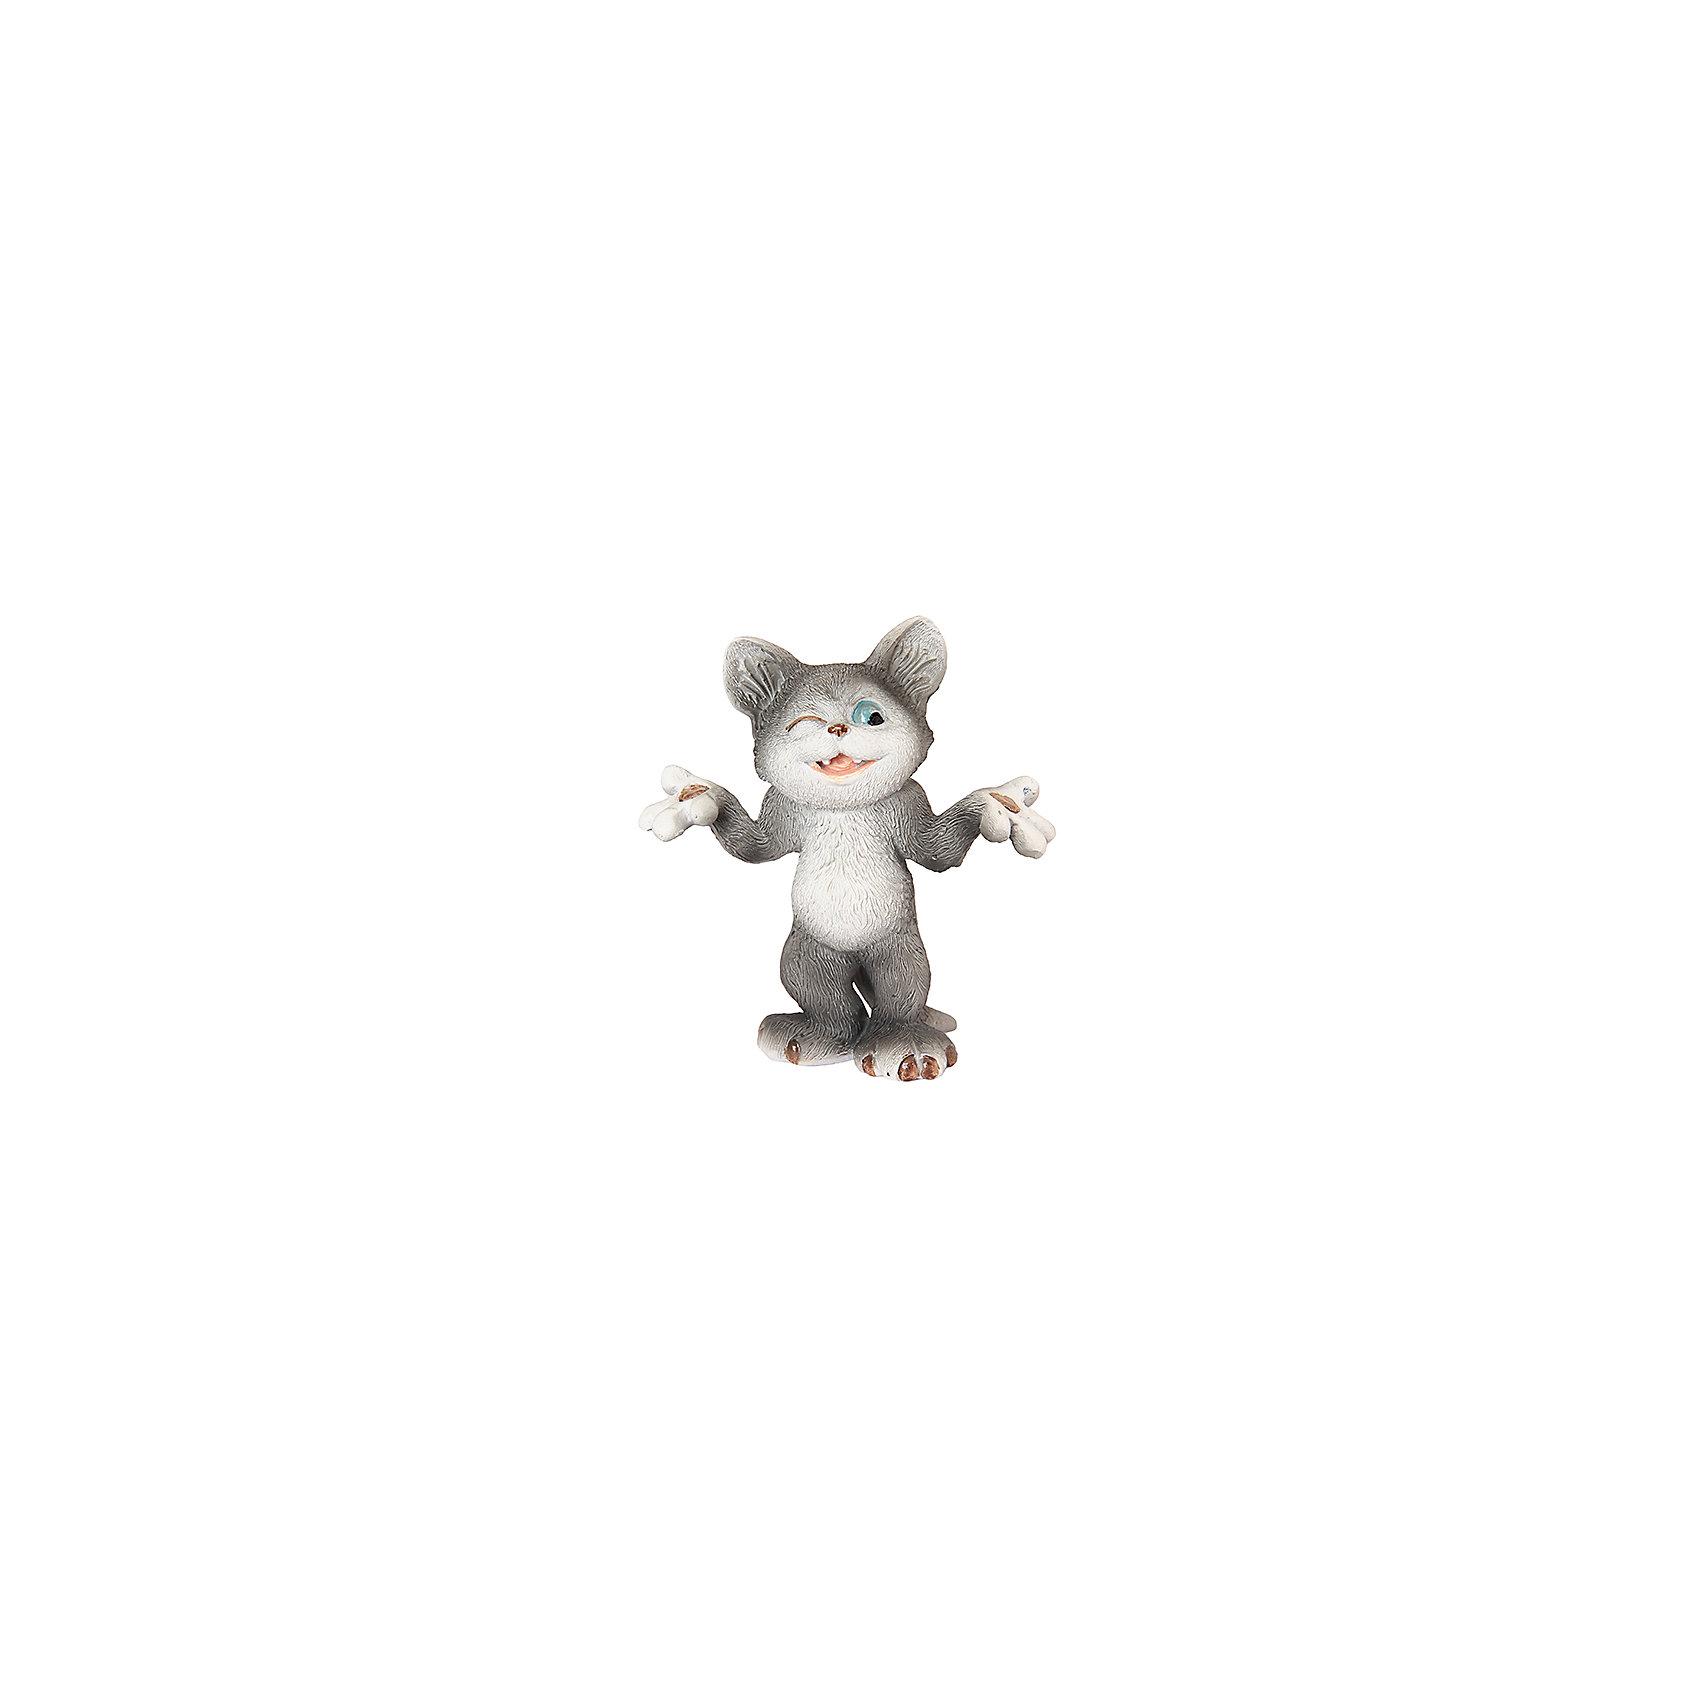 Фигурка декоративная Хитрый кот, Elan GalleryПредметы интерьера<br>Характеристики товара:<br><br>• цвет: мульти<br>• материал: полистоун<br>• высота: 9 см<br>• вес: 100 г<br>• подходит к любому интерьеру<br>• отлично проработаны детали<br>• универсальный размер<br>• страна бренда: Российская Федерация<br>• страна производства: Китай<br><br>Такая декоративная фигурка - отличный пример красивой вещи для любого интерьера. Благодаря универсальному дизайну и расцветке она хорошо будет смотреться в помещении.<br><br>Декоративная фигурка может стать отличным приобретением для дома или подарком для любителей симпатичных вещей, украшающих пространство.<br><br>Бренд Elan Gallery - это красивые и практичные товары для дома с современным дизайном. Они добавляют в жильё уюта и комфорта! <br><br>Фигурку декоративную Хитрый кот Elan Gallery можно купить в нашем интернет-магазине.<br><br>Ширина мм: 95<br>Глубина мм: 45<br>Высота мм: 86<br>Вес г: 139<br>Возраст от месяцев: 0<br>Возраст до месяцев: 1188<br>Пол: Унисекс<br>Возраст: Детский<br>SKU: 6669014